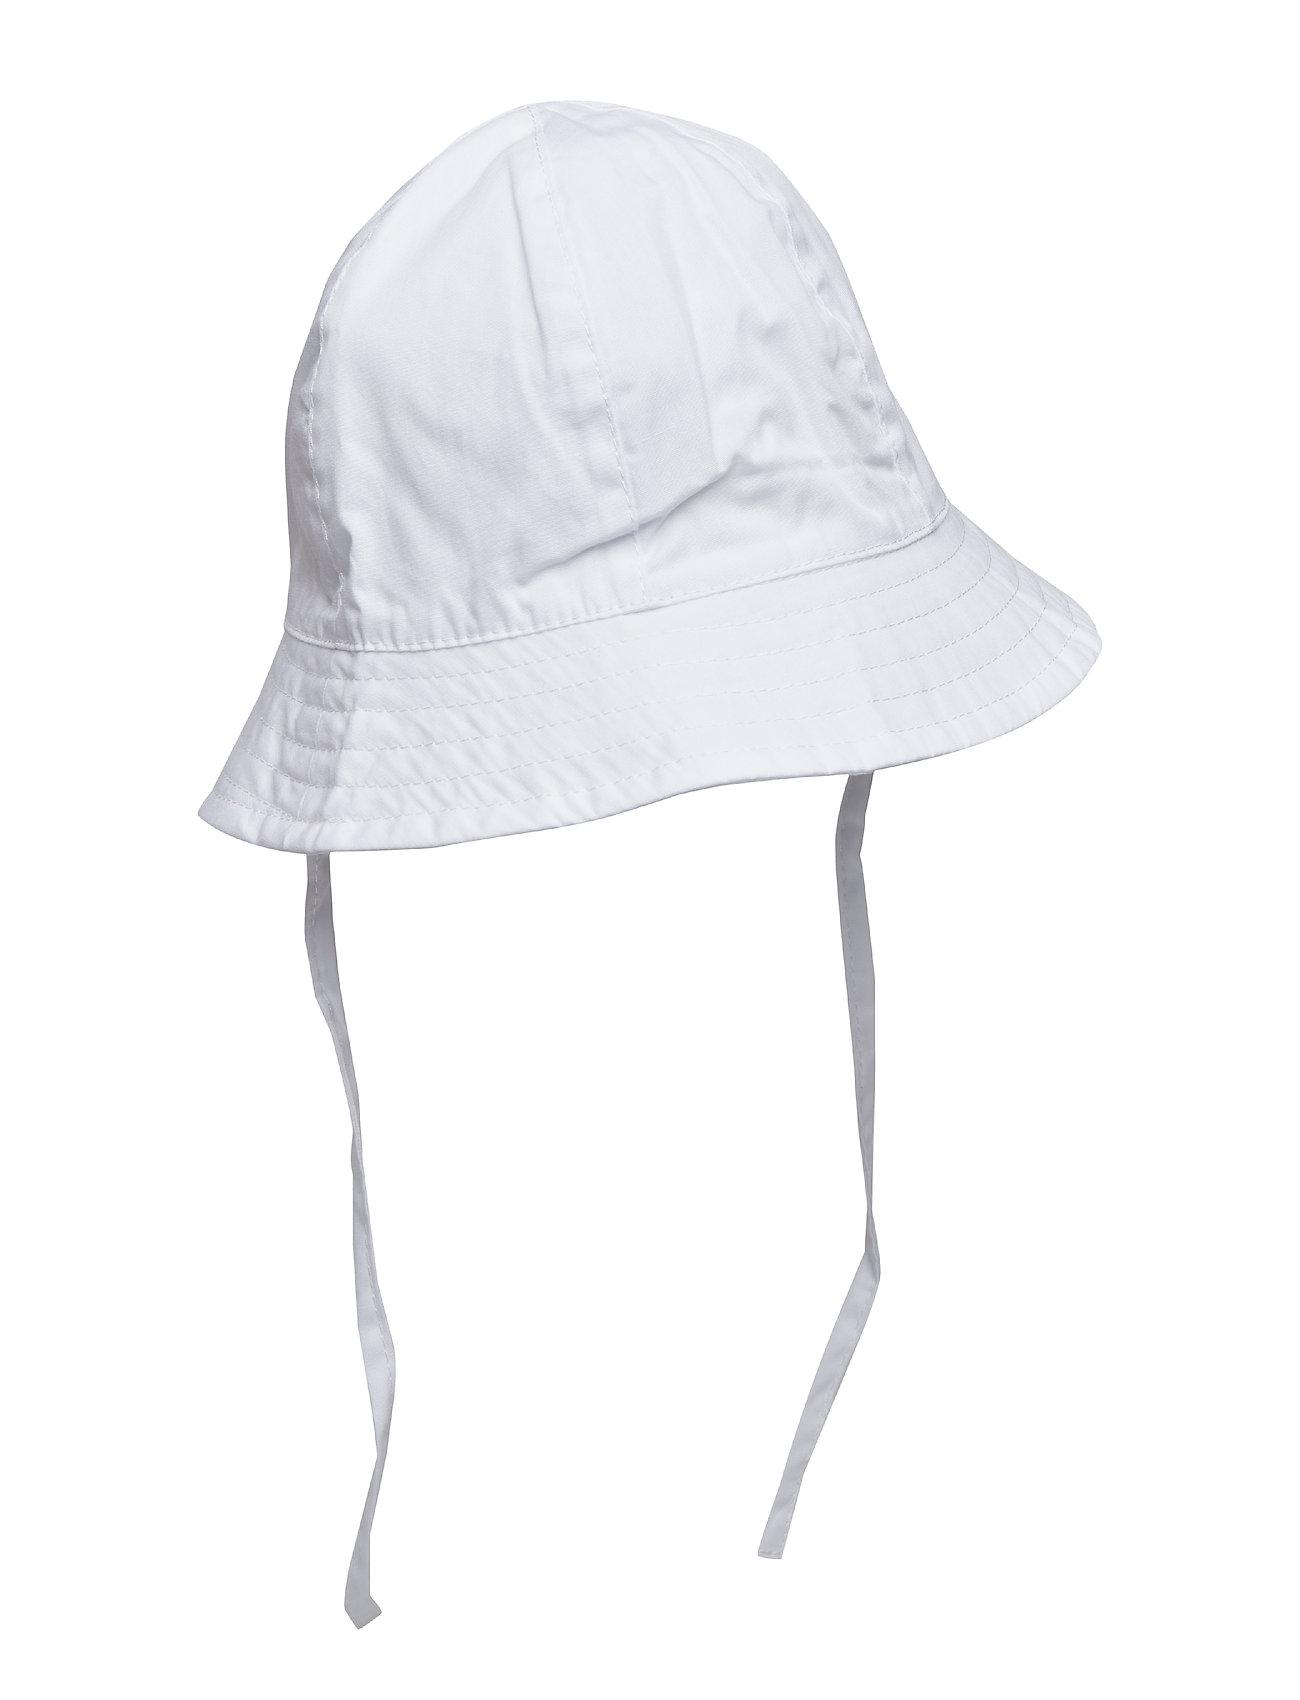 Polarn O. Pyret Sunhat UV Solid Preschool - SNOW WHITE